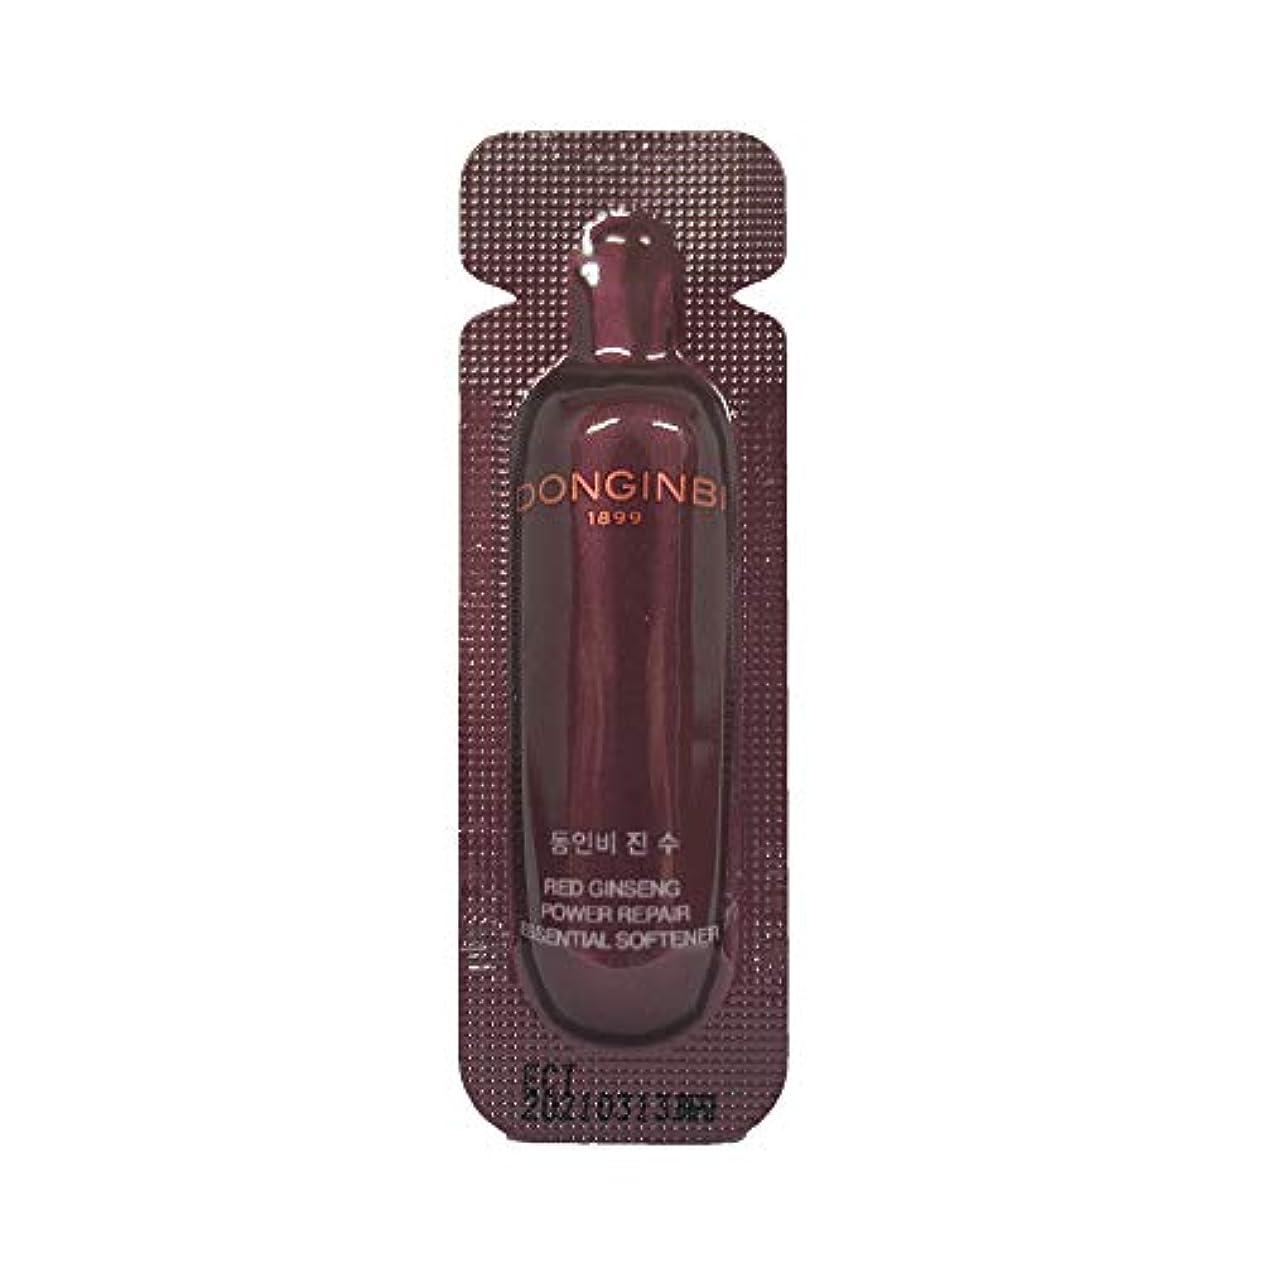 間接的パラシュート配置[正官庄/ドンインビ/DONGINBI]ドンインビ?ジン?水1mlx30枚 Donginbi Red Ginseng Power Repair Softner